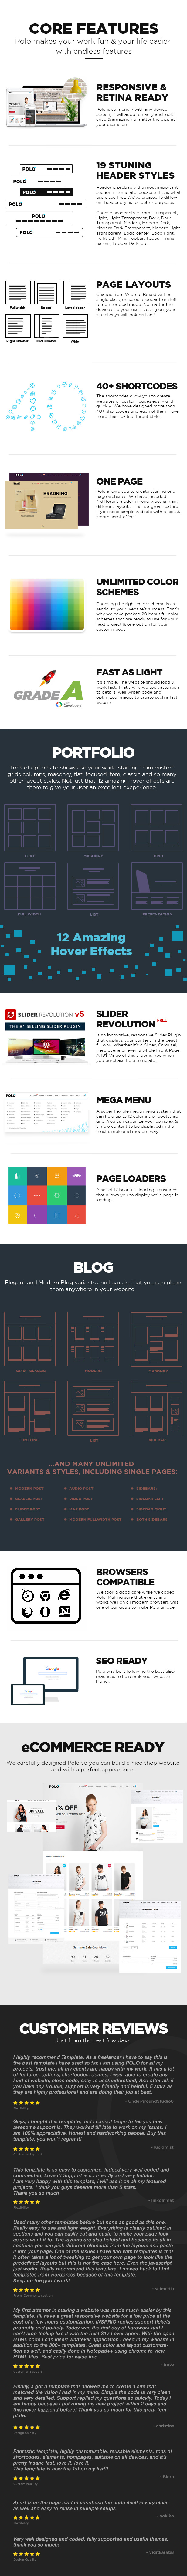 Polo - Responsive Multi-Purpose HTML5 Template - 11